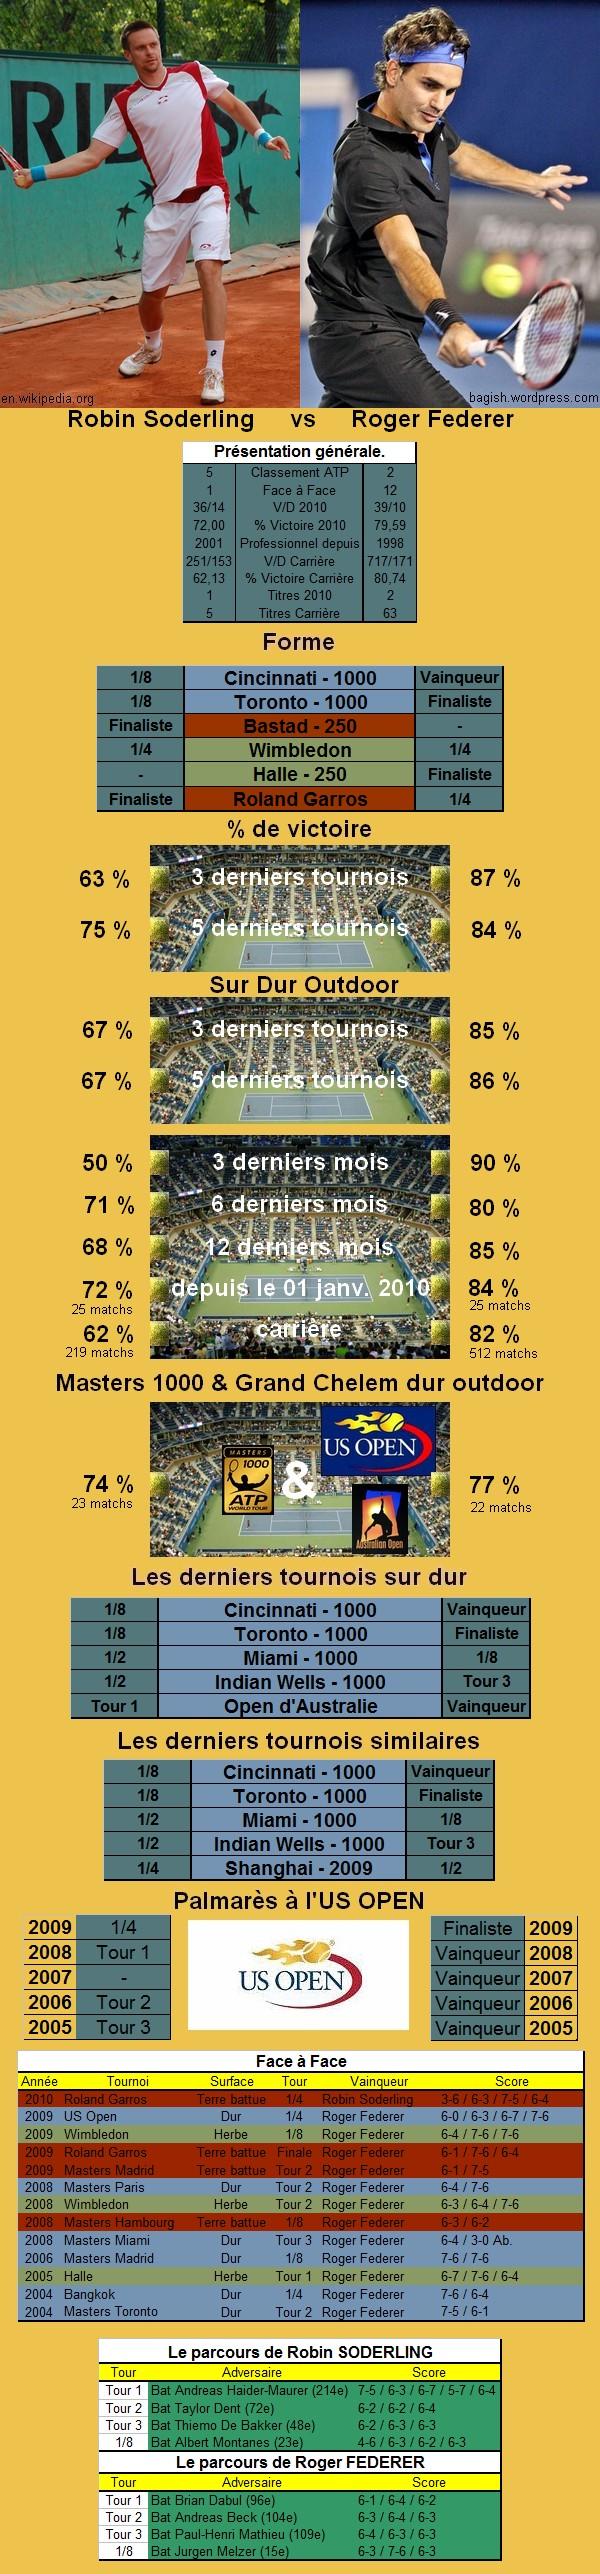 Statistiques tennis de Soderling contre Federer à l'US OPEN